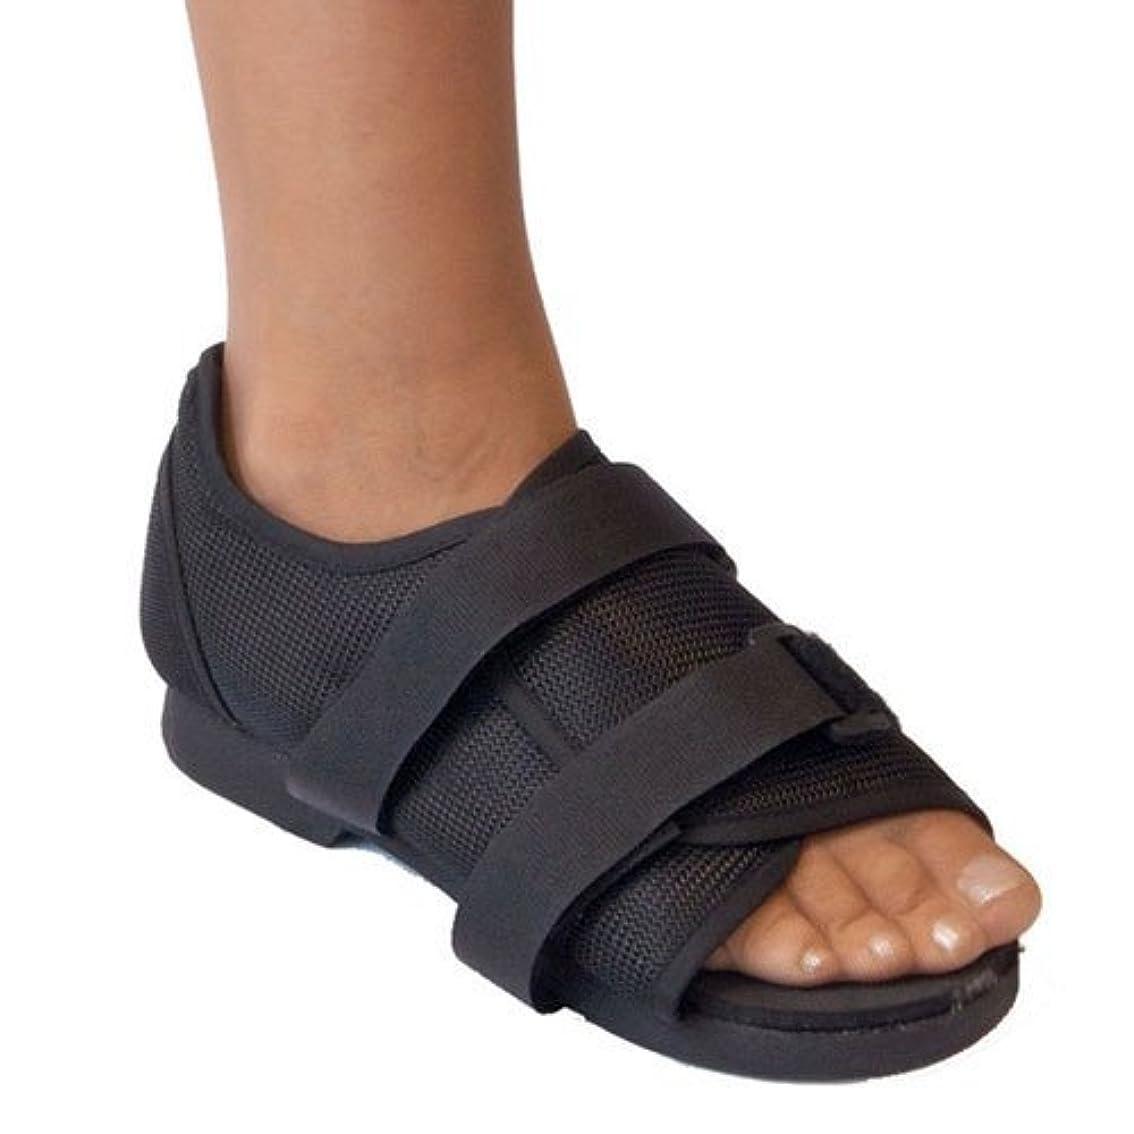 術後靴、メディカルウォーキング、骨折した骨の耐久性のあるつま先整形外科サポートブレース。,M